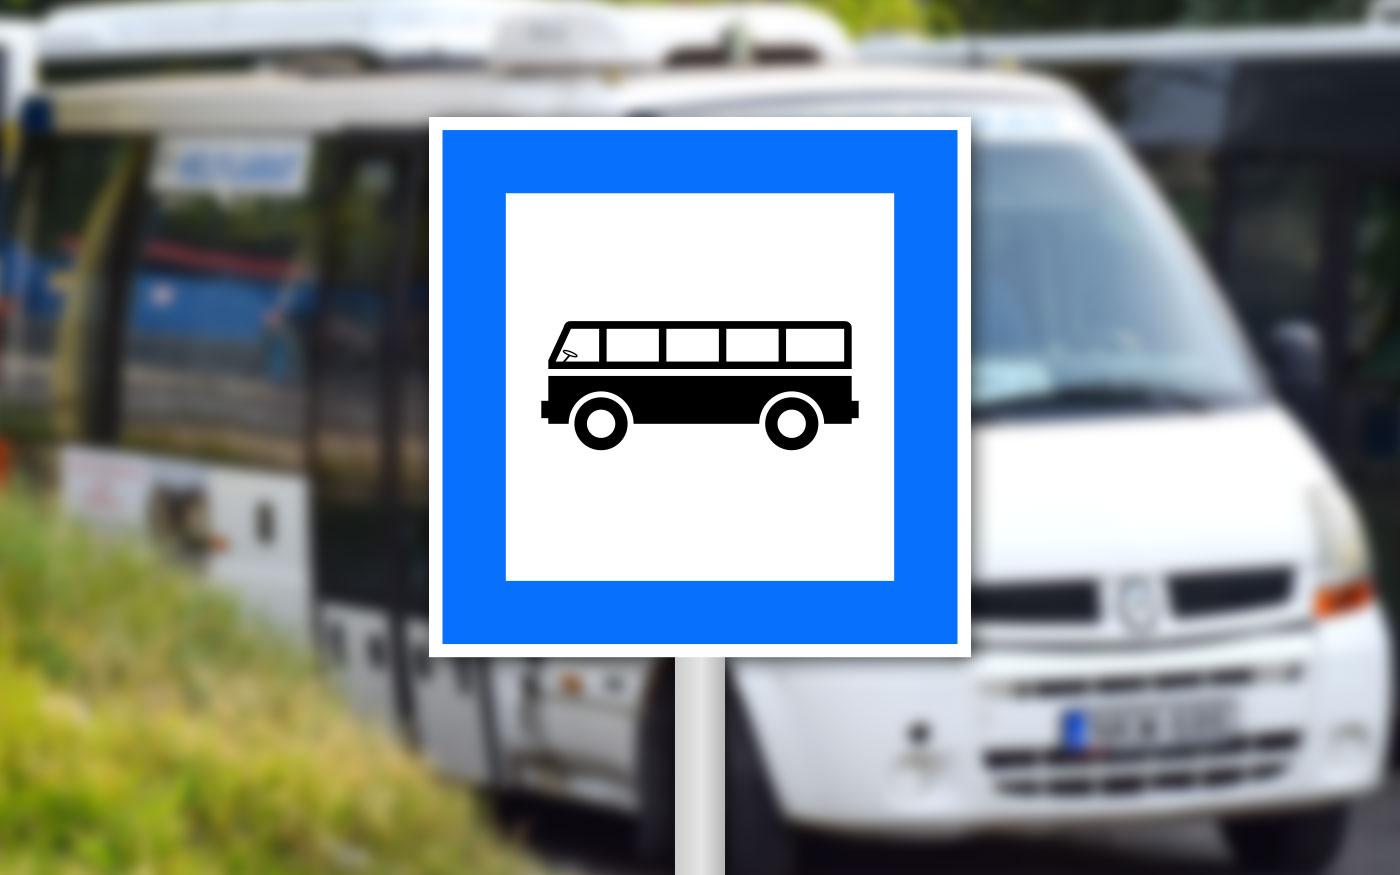 Megint megváltozott Dunaharaszti helyi járatú buszainak menetrendje